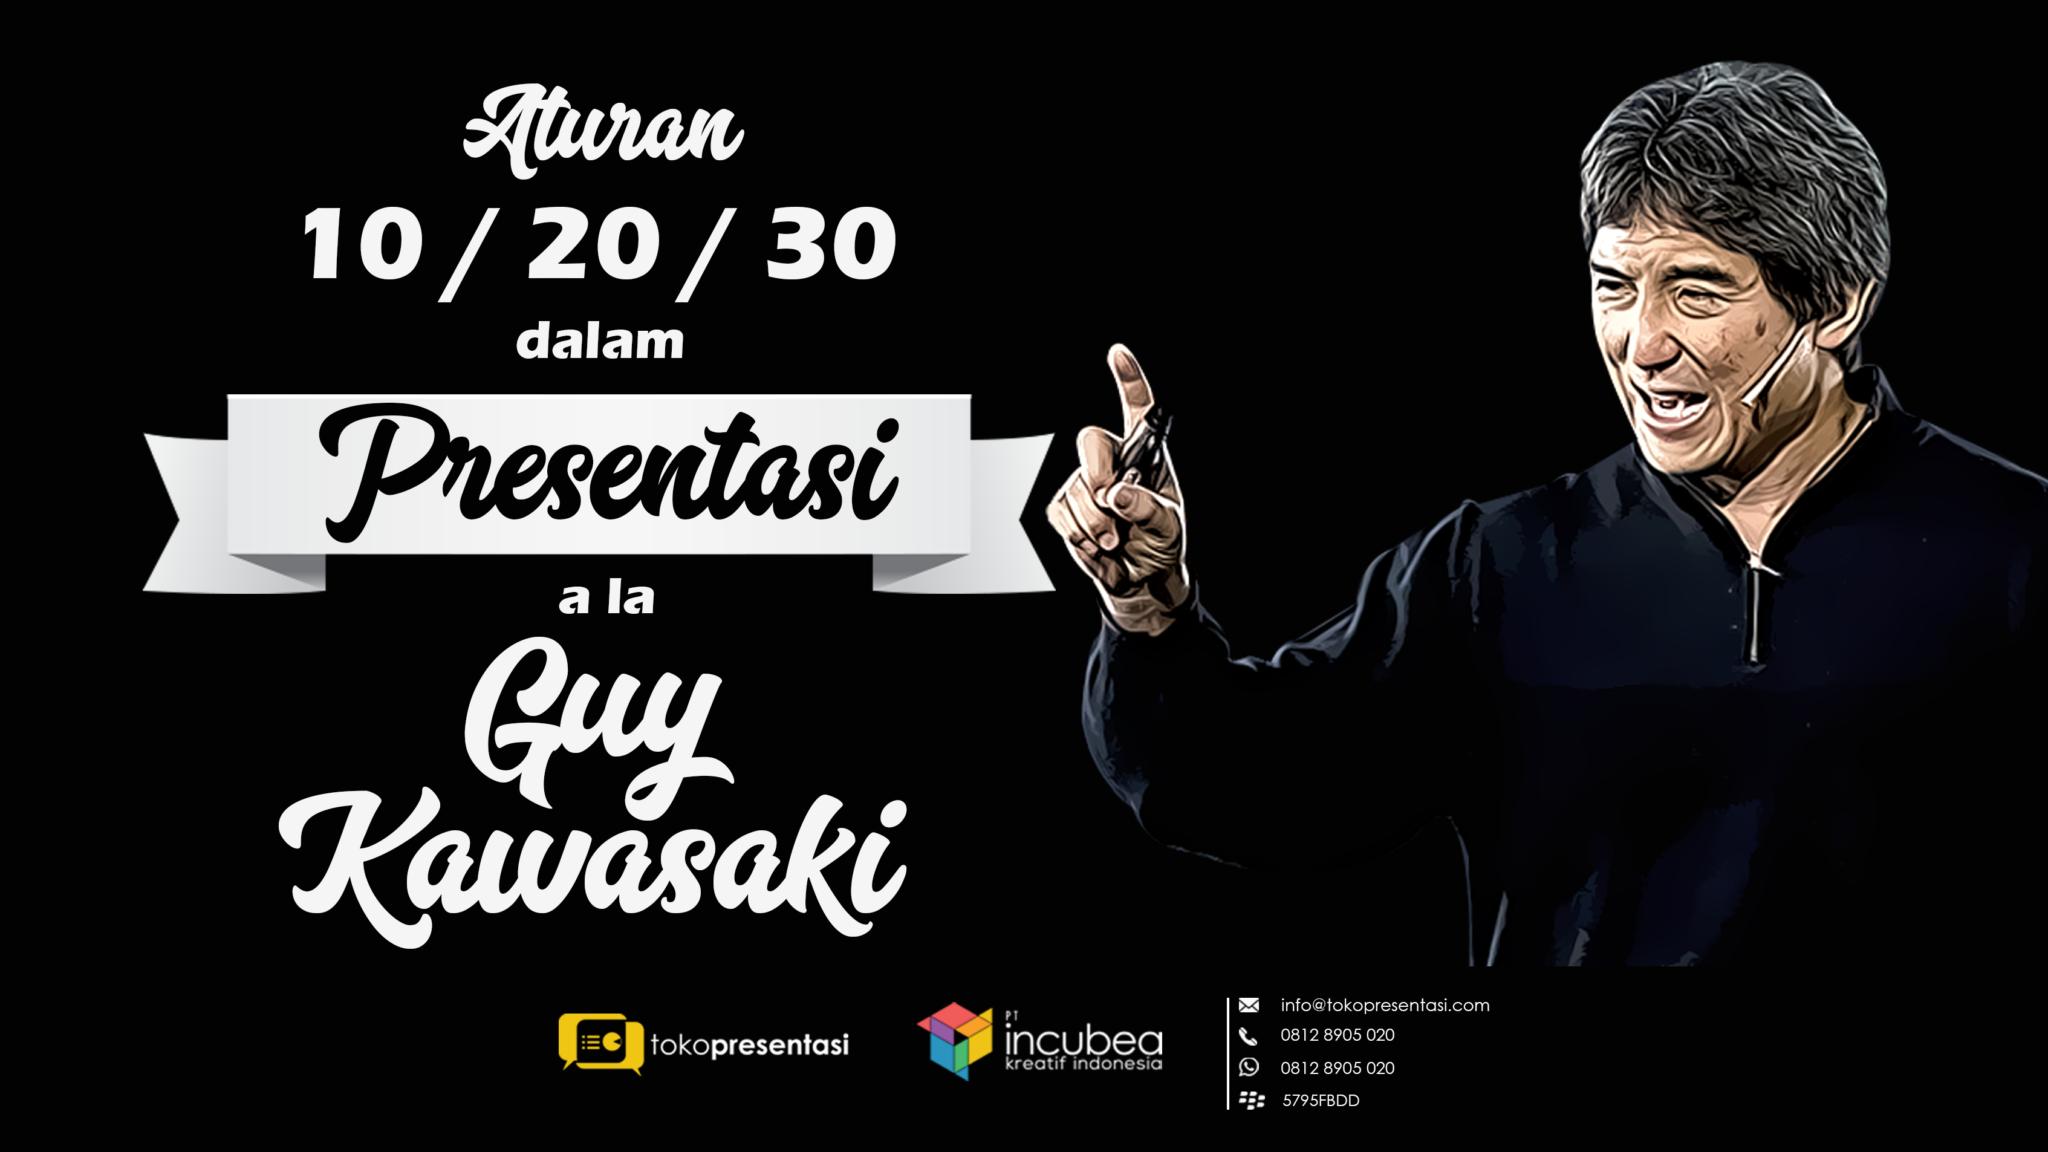 tips presentasi aturan 10-20-30 dalam presentasi ala guy kawasaki